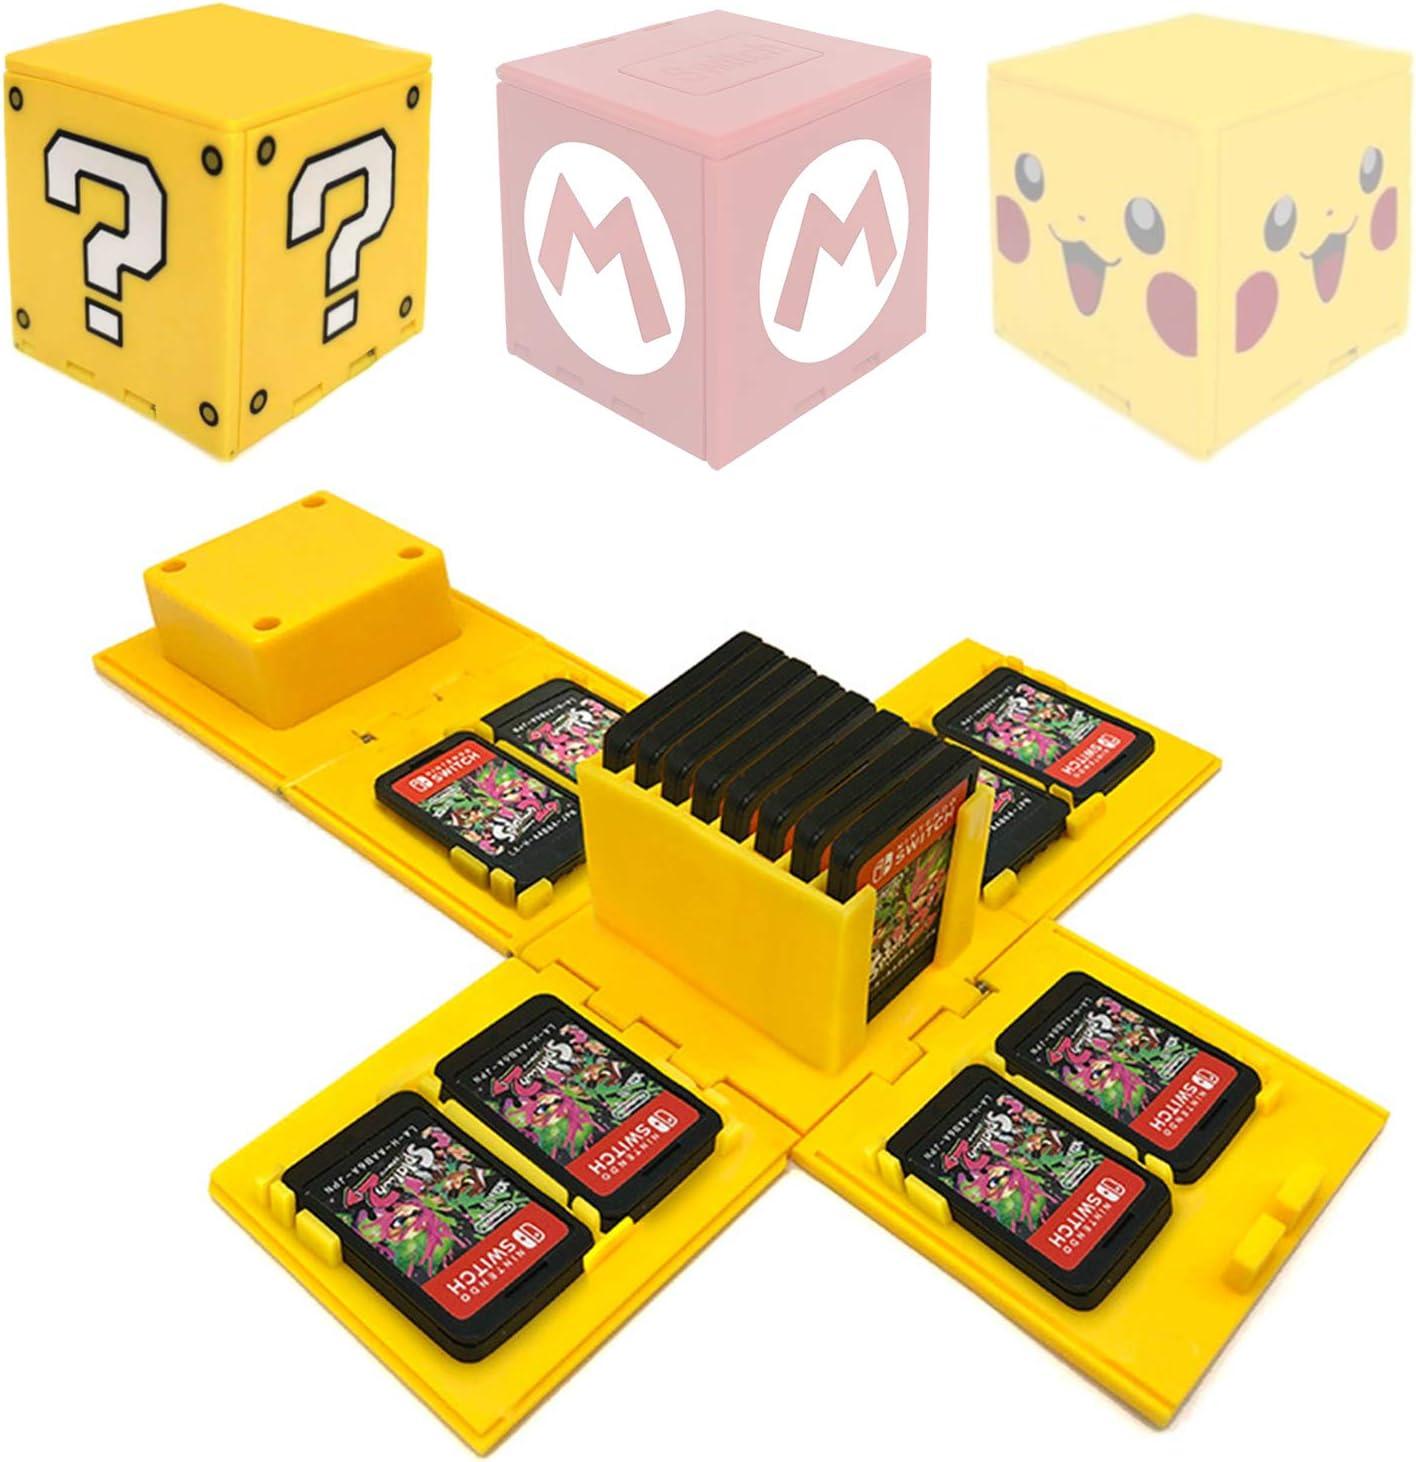 WIKEA Estuche para tarjeta de memoria Nintendo Switch, portatarjetas para videojuegos con 16 ranuras para tarjetas (Signo de interrogación): Amazon.es: Juguetes y juegos